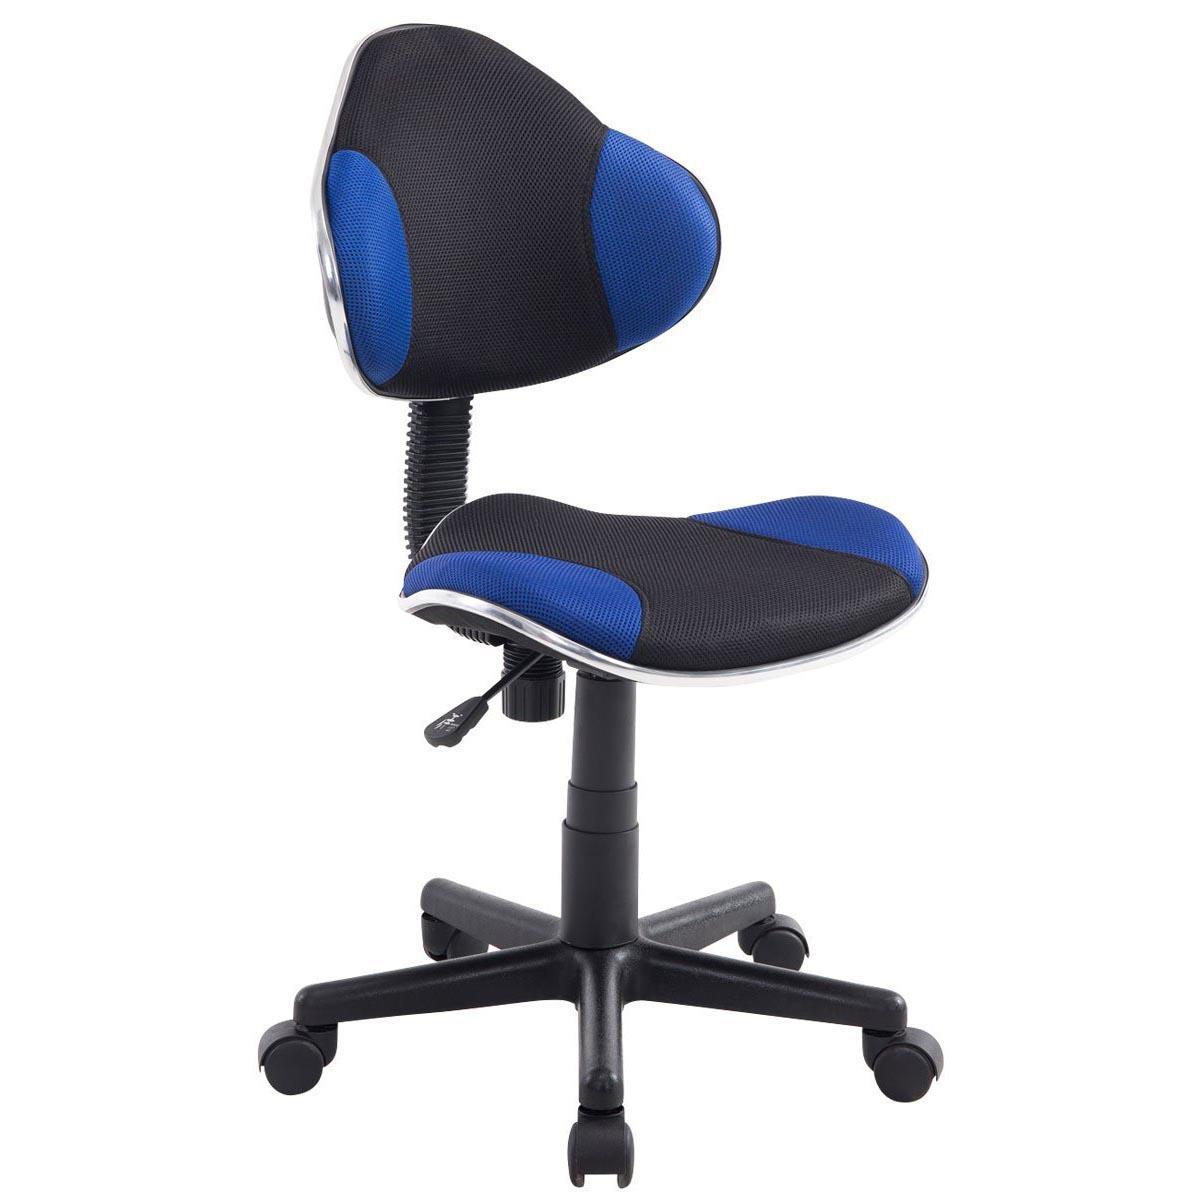 Silla escritorio juvenil baster en malla transpirable for Sillas para escritorio juvenil precios